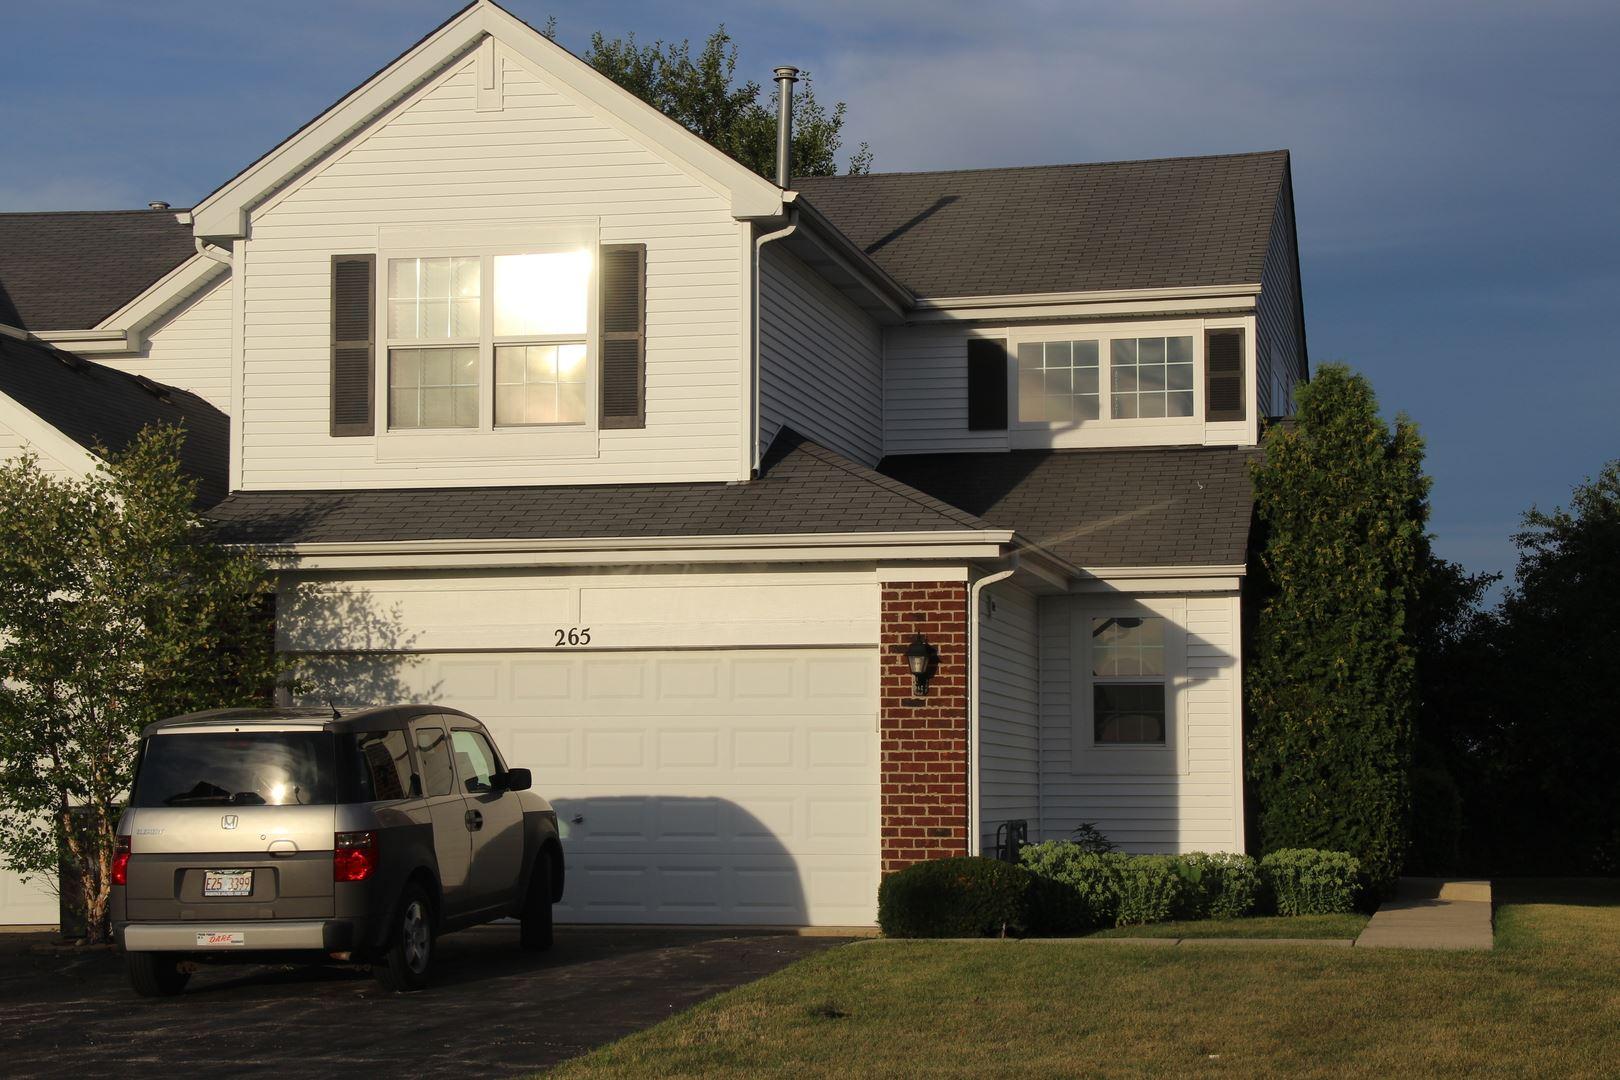 265 Wild Meadow Lane, Woodstock, IL 60098 - #: 10802565